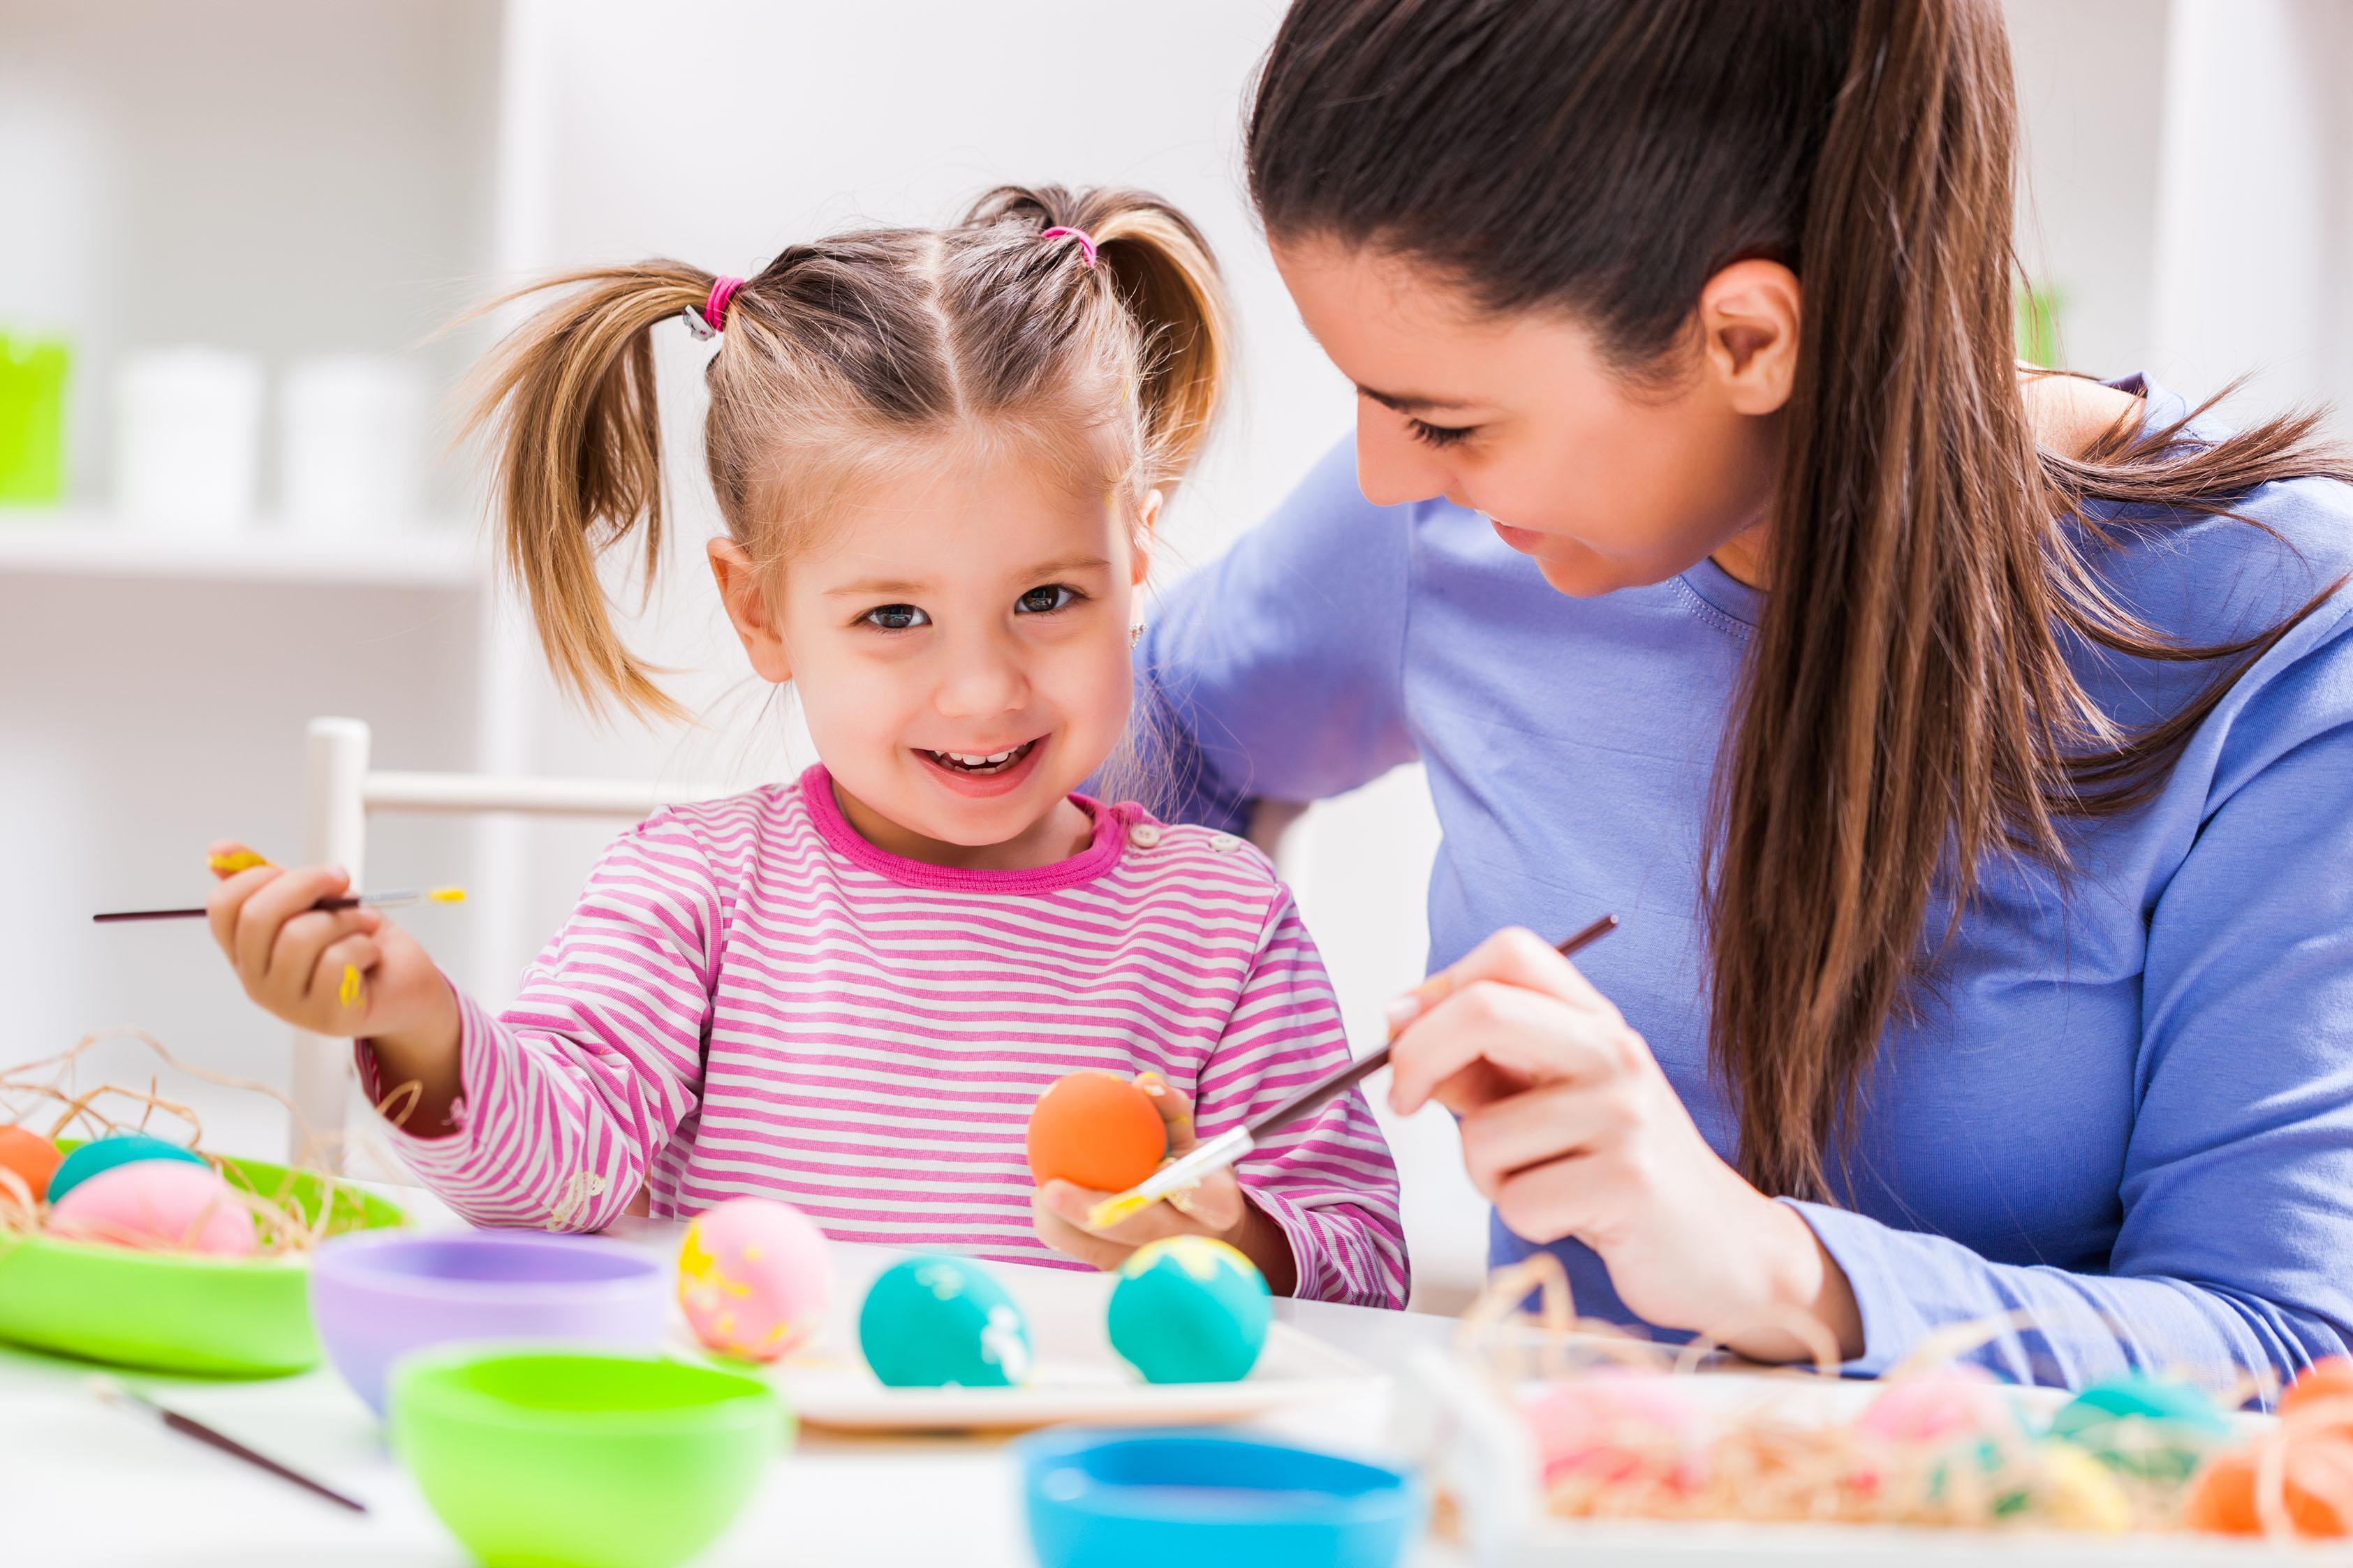 Como trabalhar como babá pela primeira vez?